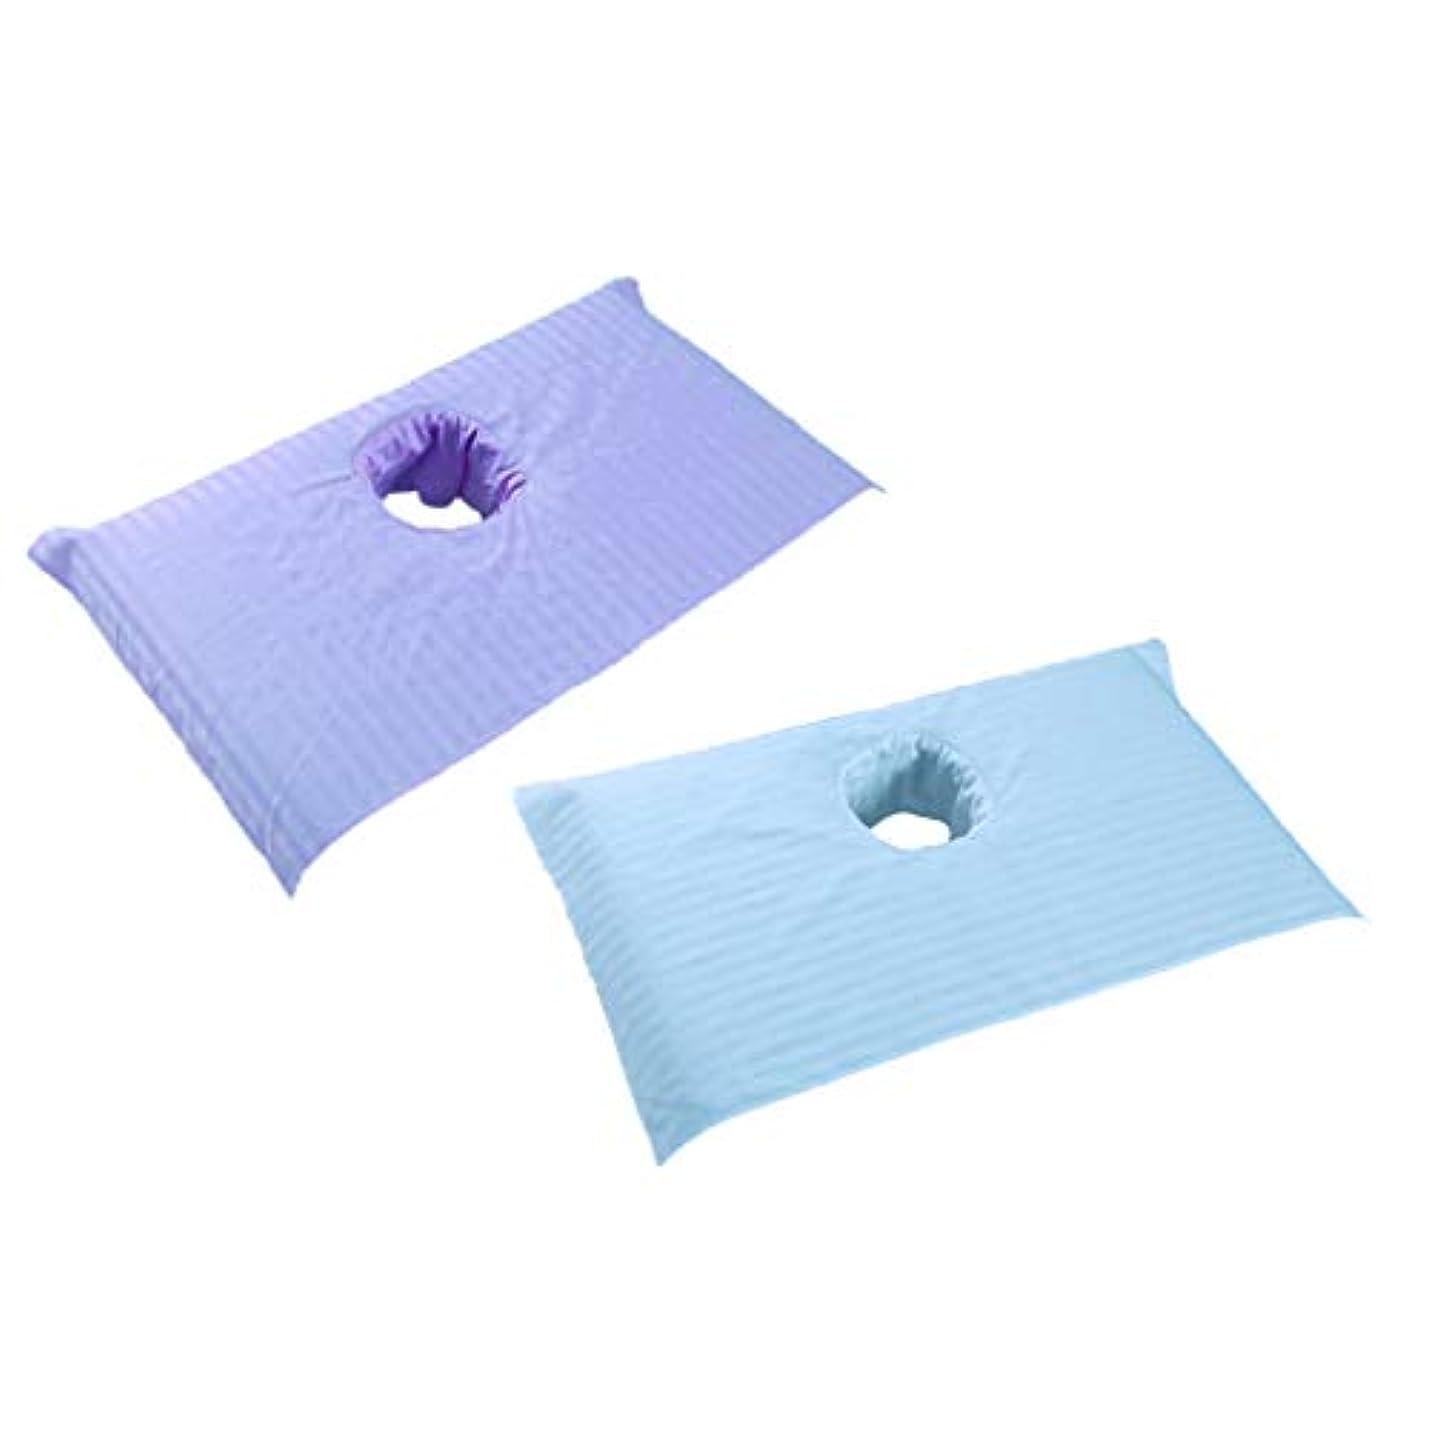 分泌する一回間FutuHome 2枚の柔らかい綿の美のマッサージの鉱泉の処置のベッドの表紙シート75 X 55cmのパック